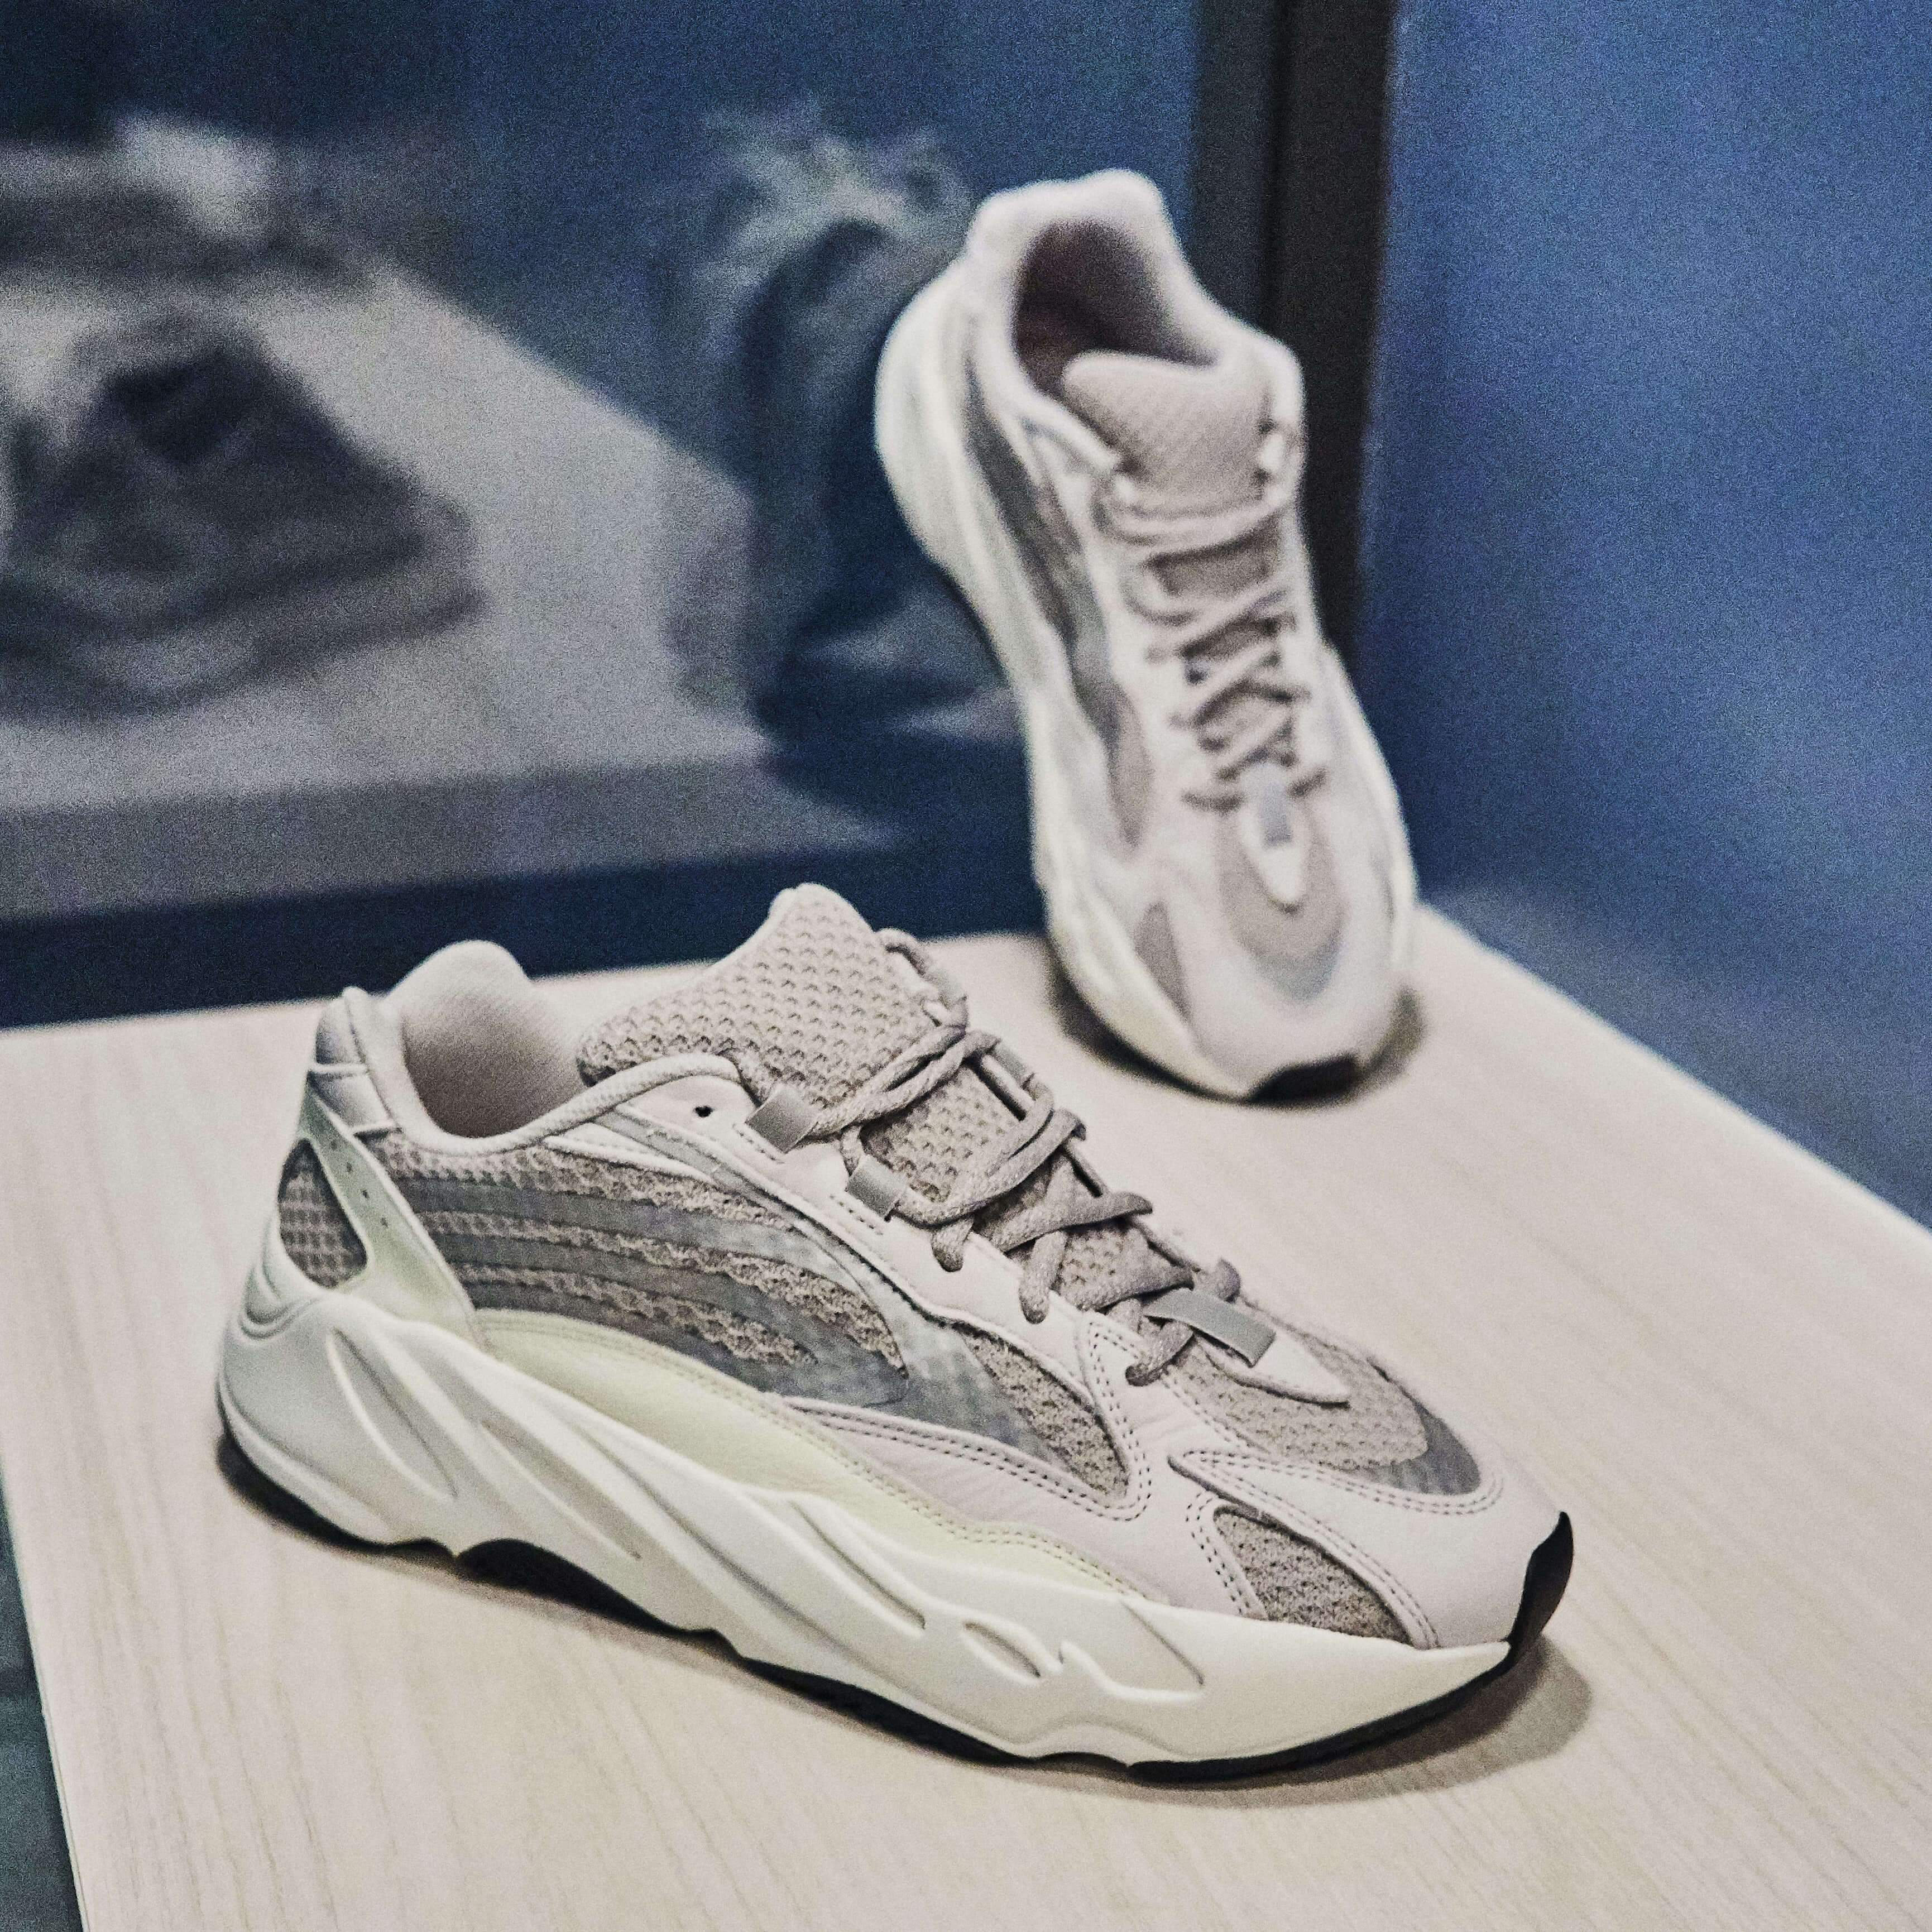 Adidas Yeezy 700 V2 Static